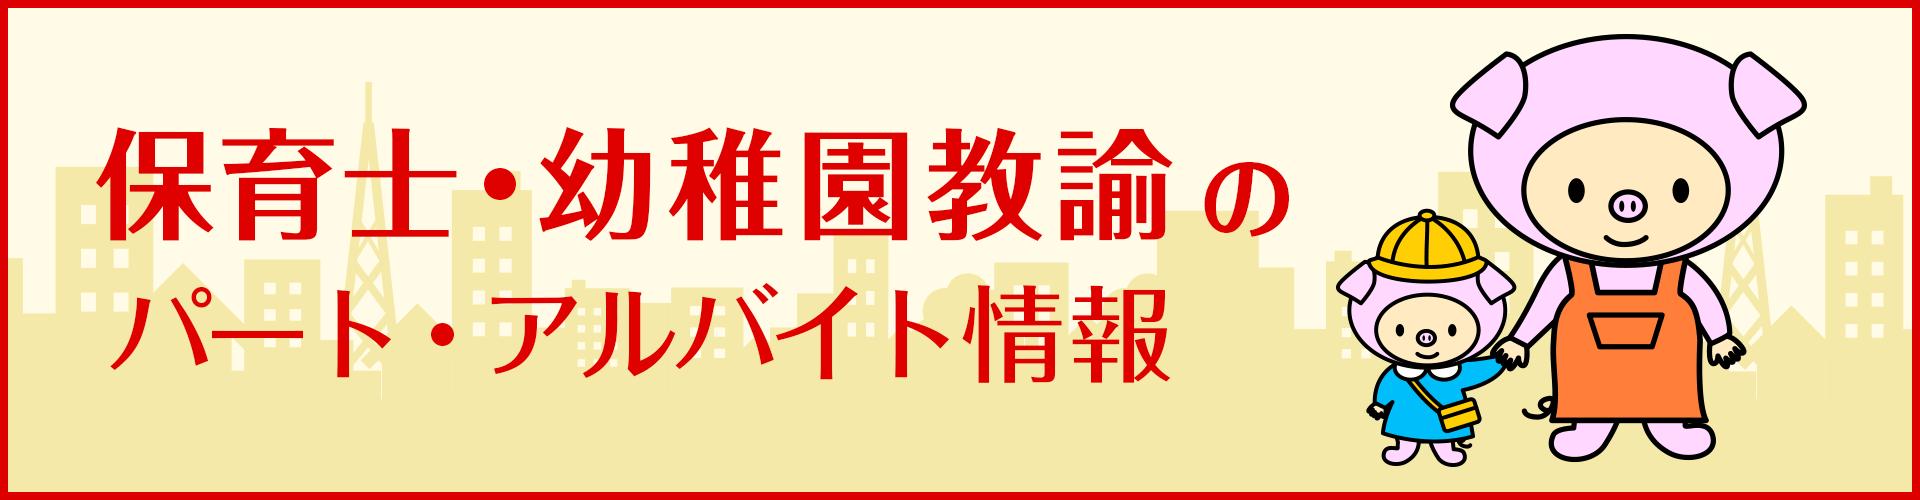 保育士・幼稚園教諭